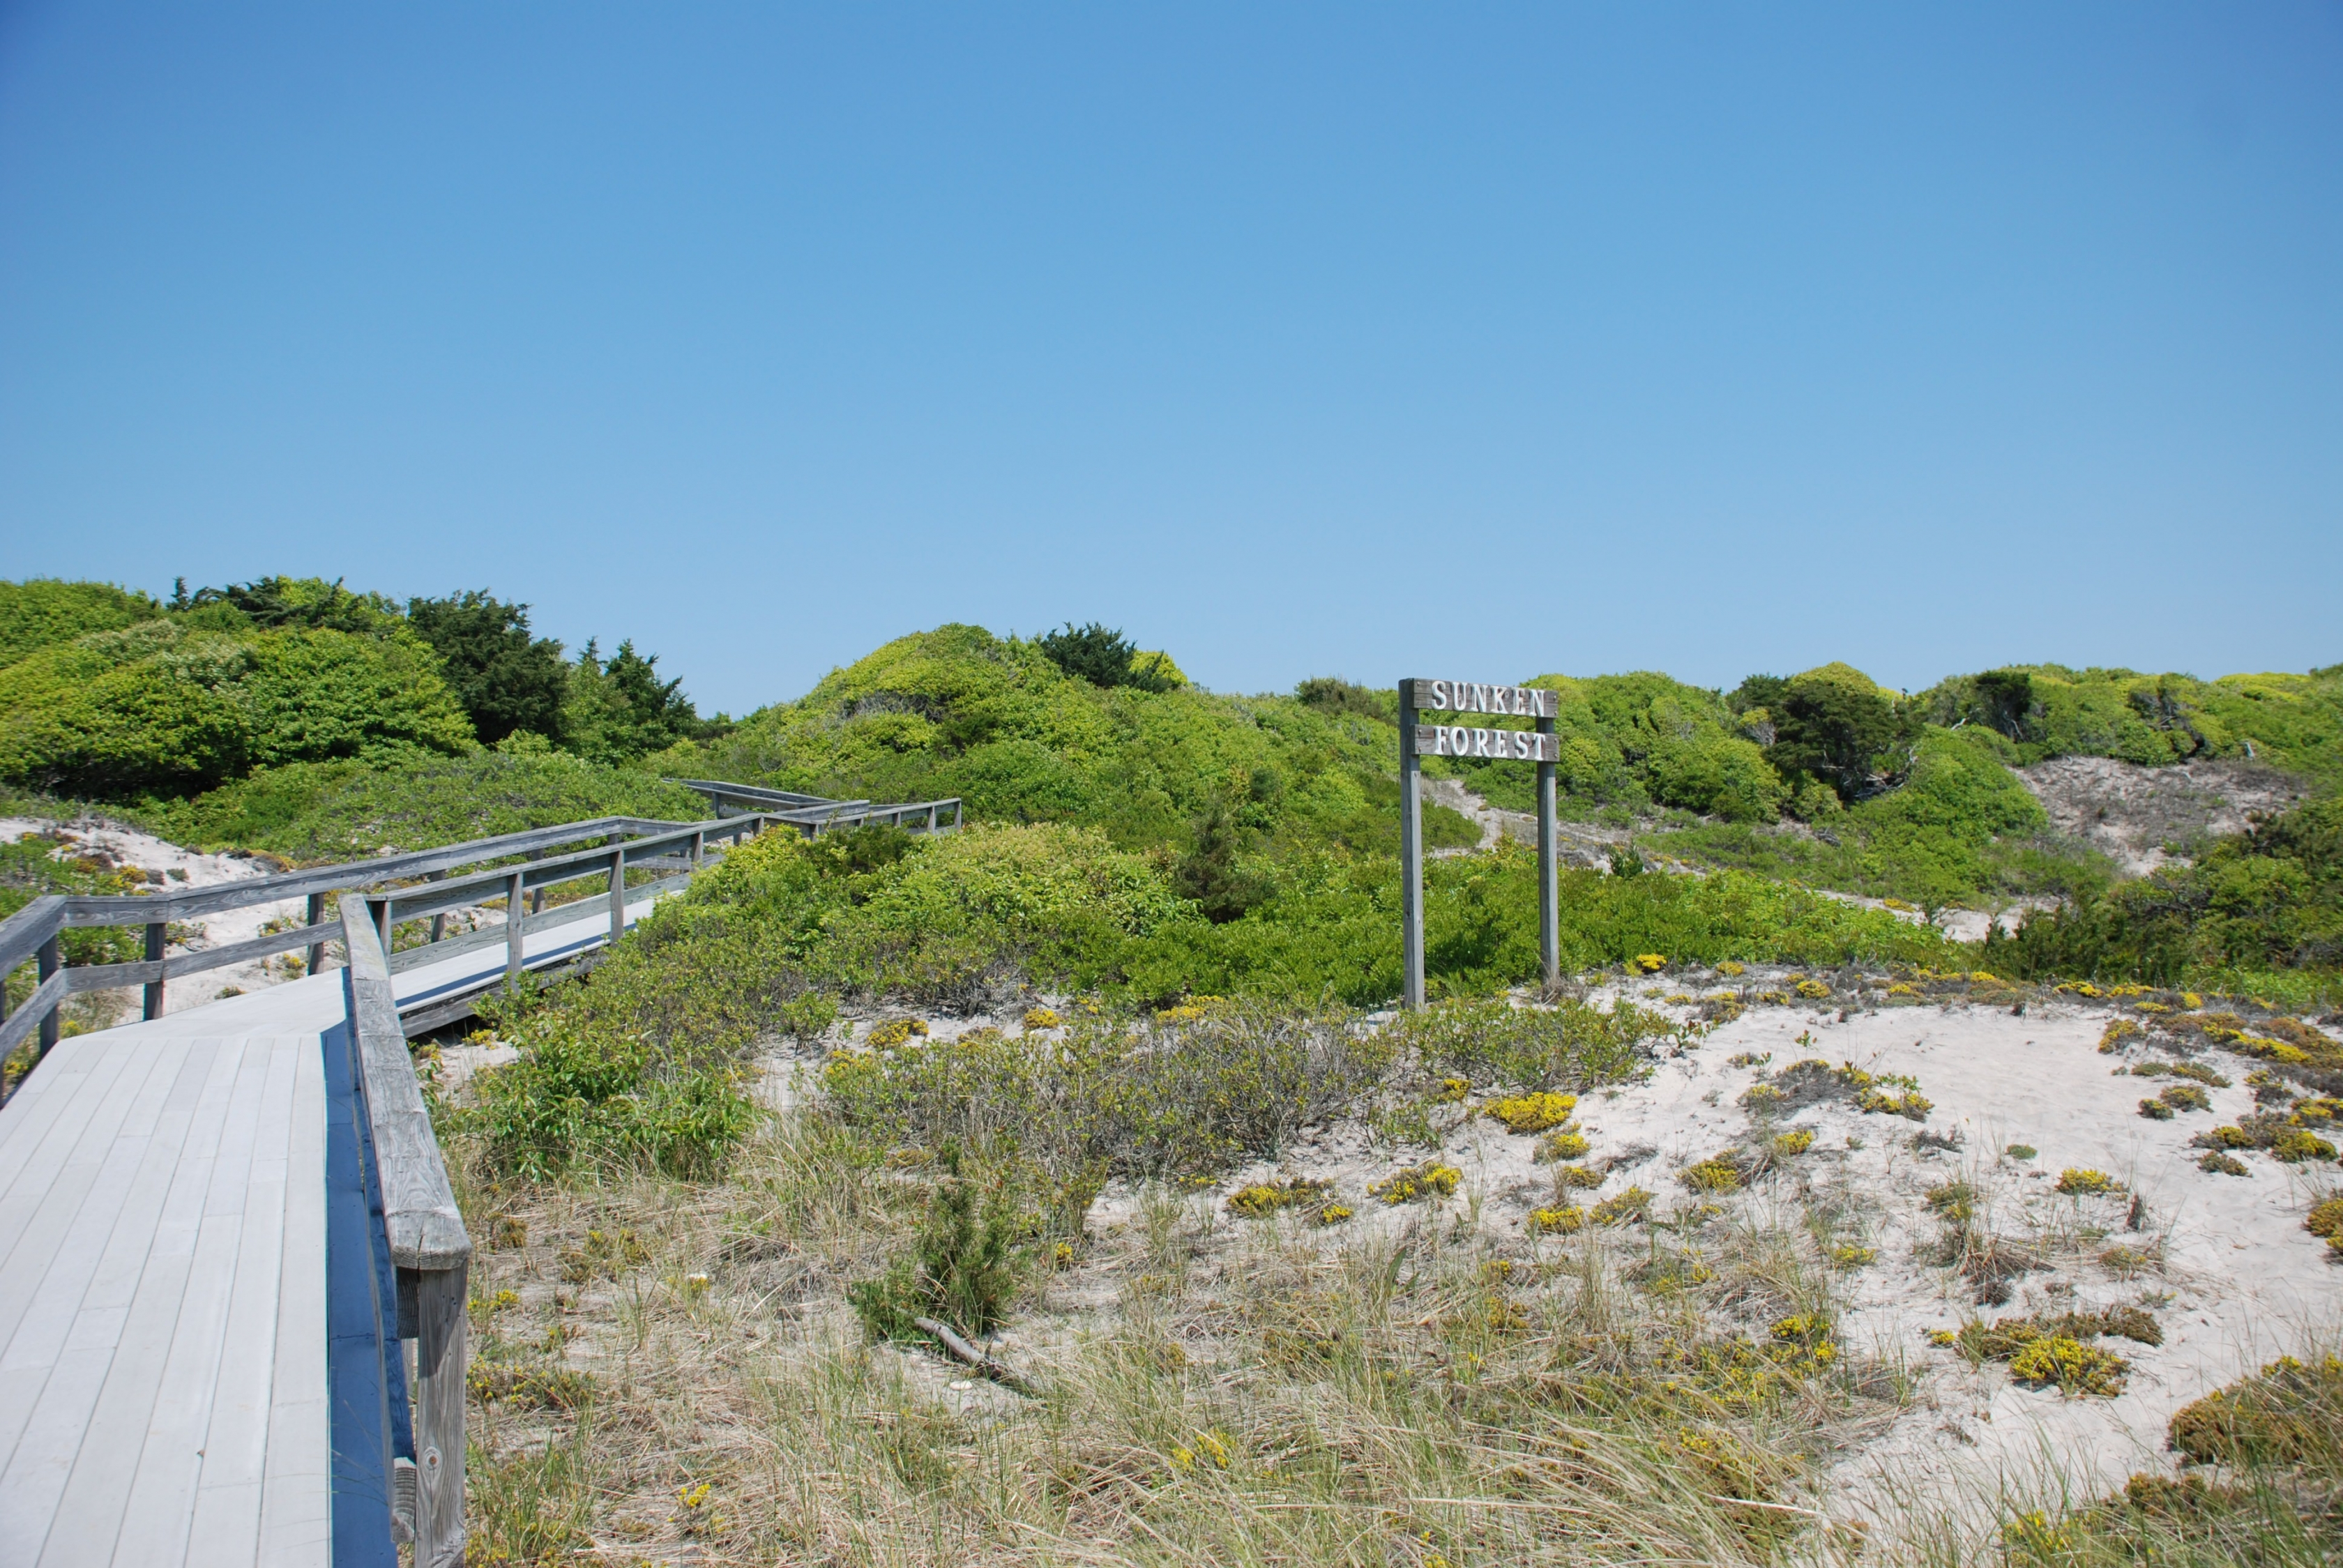 Un signo da la bienvenida a los visitantes del Bosque Sumergido en la orilla del mar en la isla del fuego.